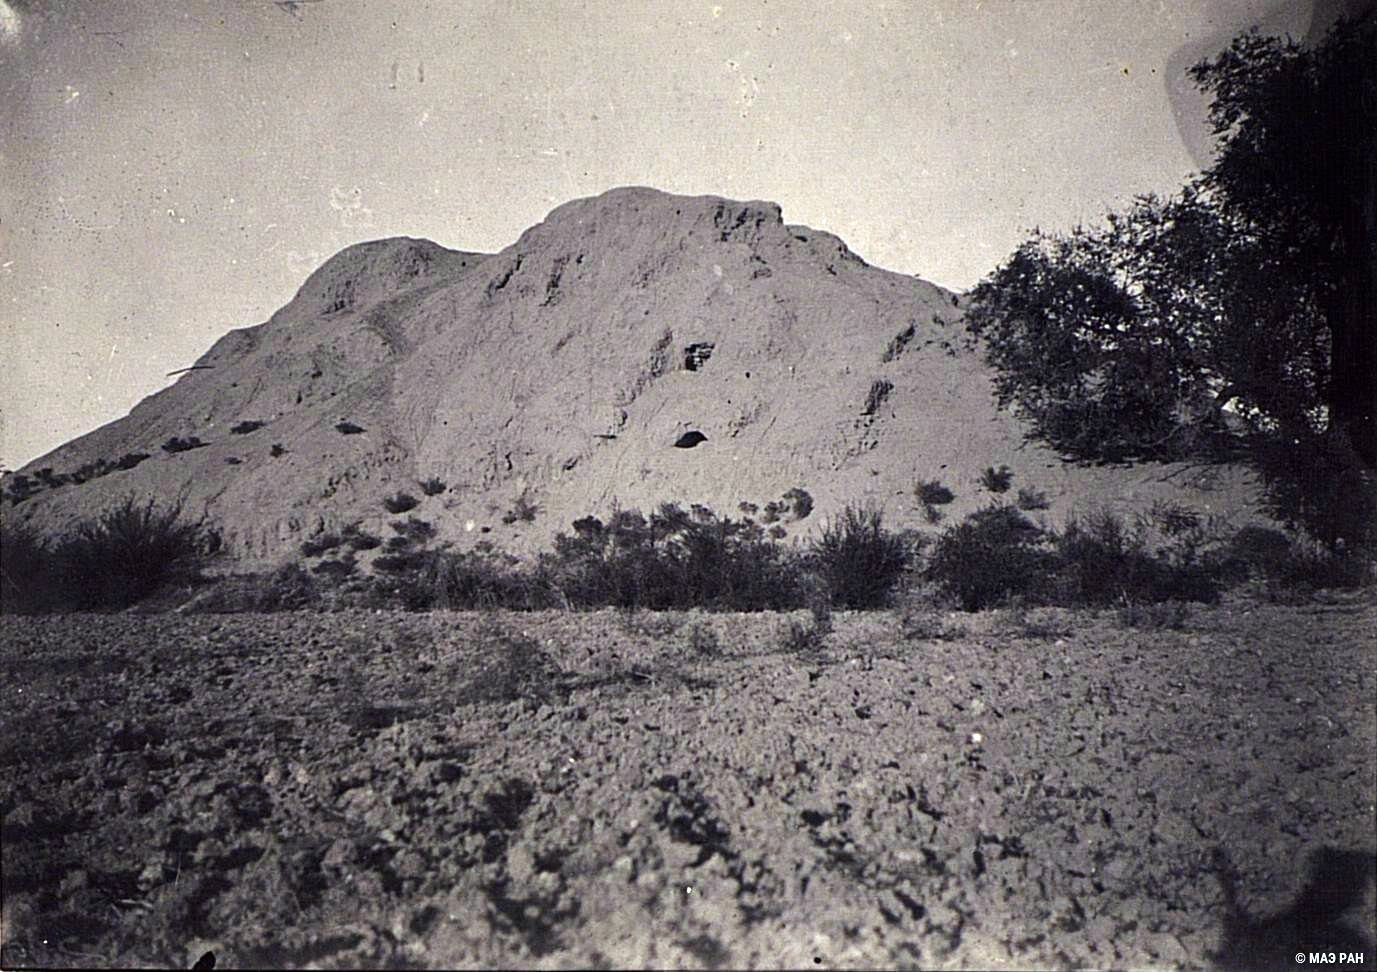 20. Развалины древней столицы Уйгурии Бишбалыка. Развалины монастыря близ городища